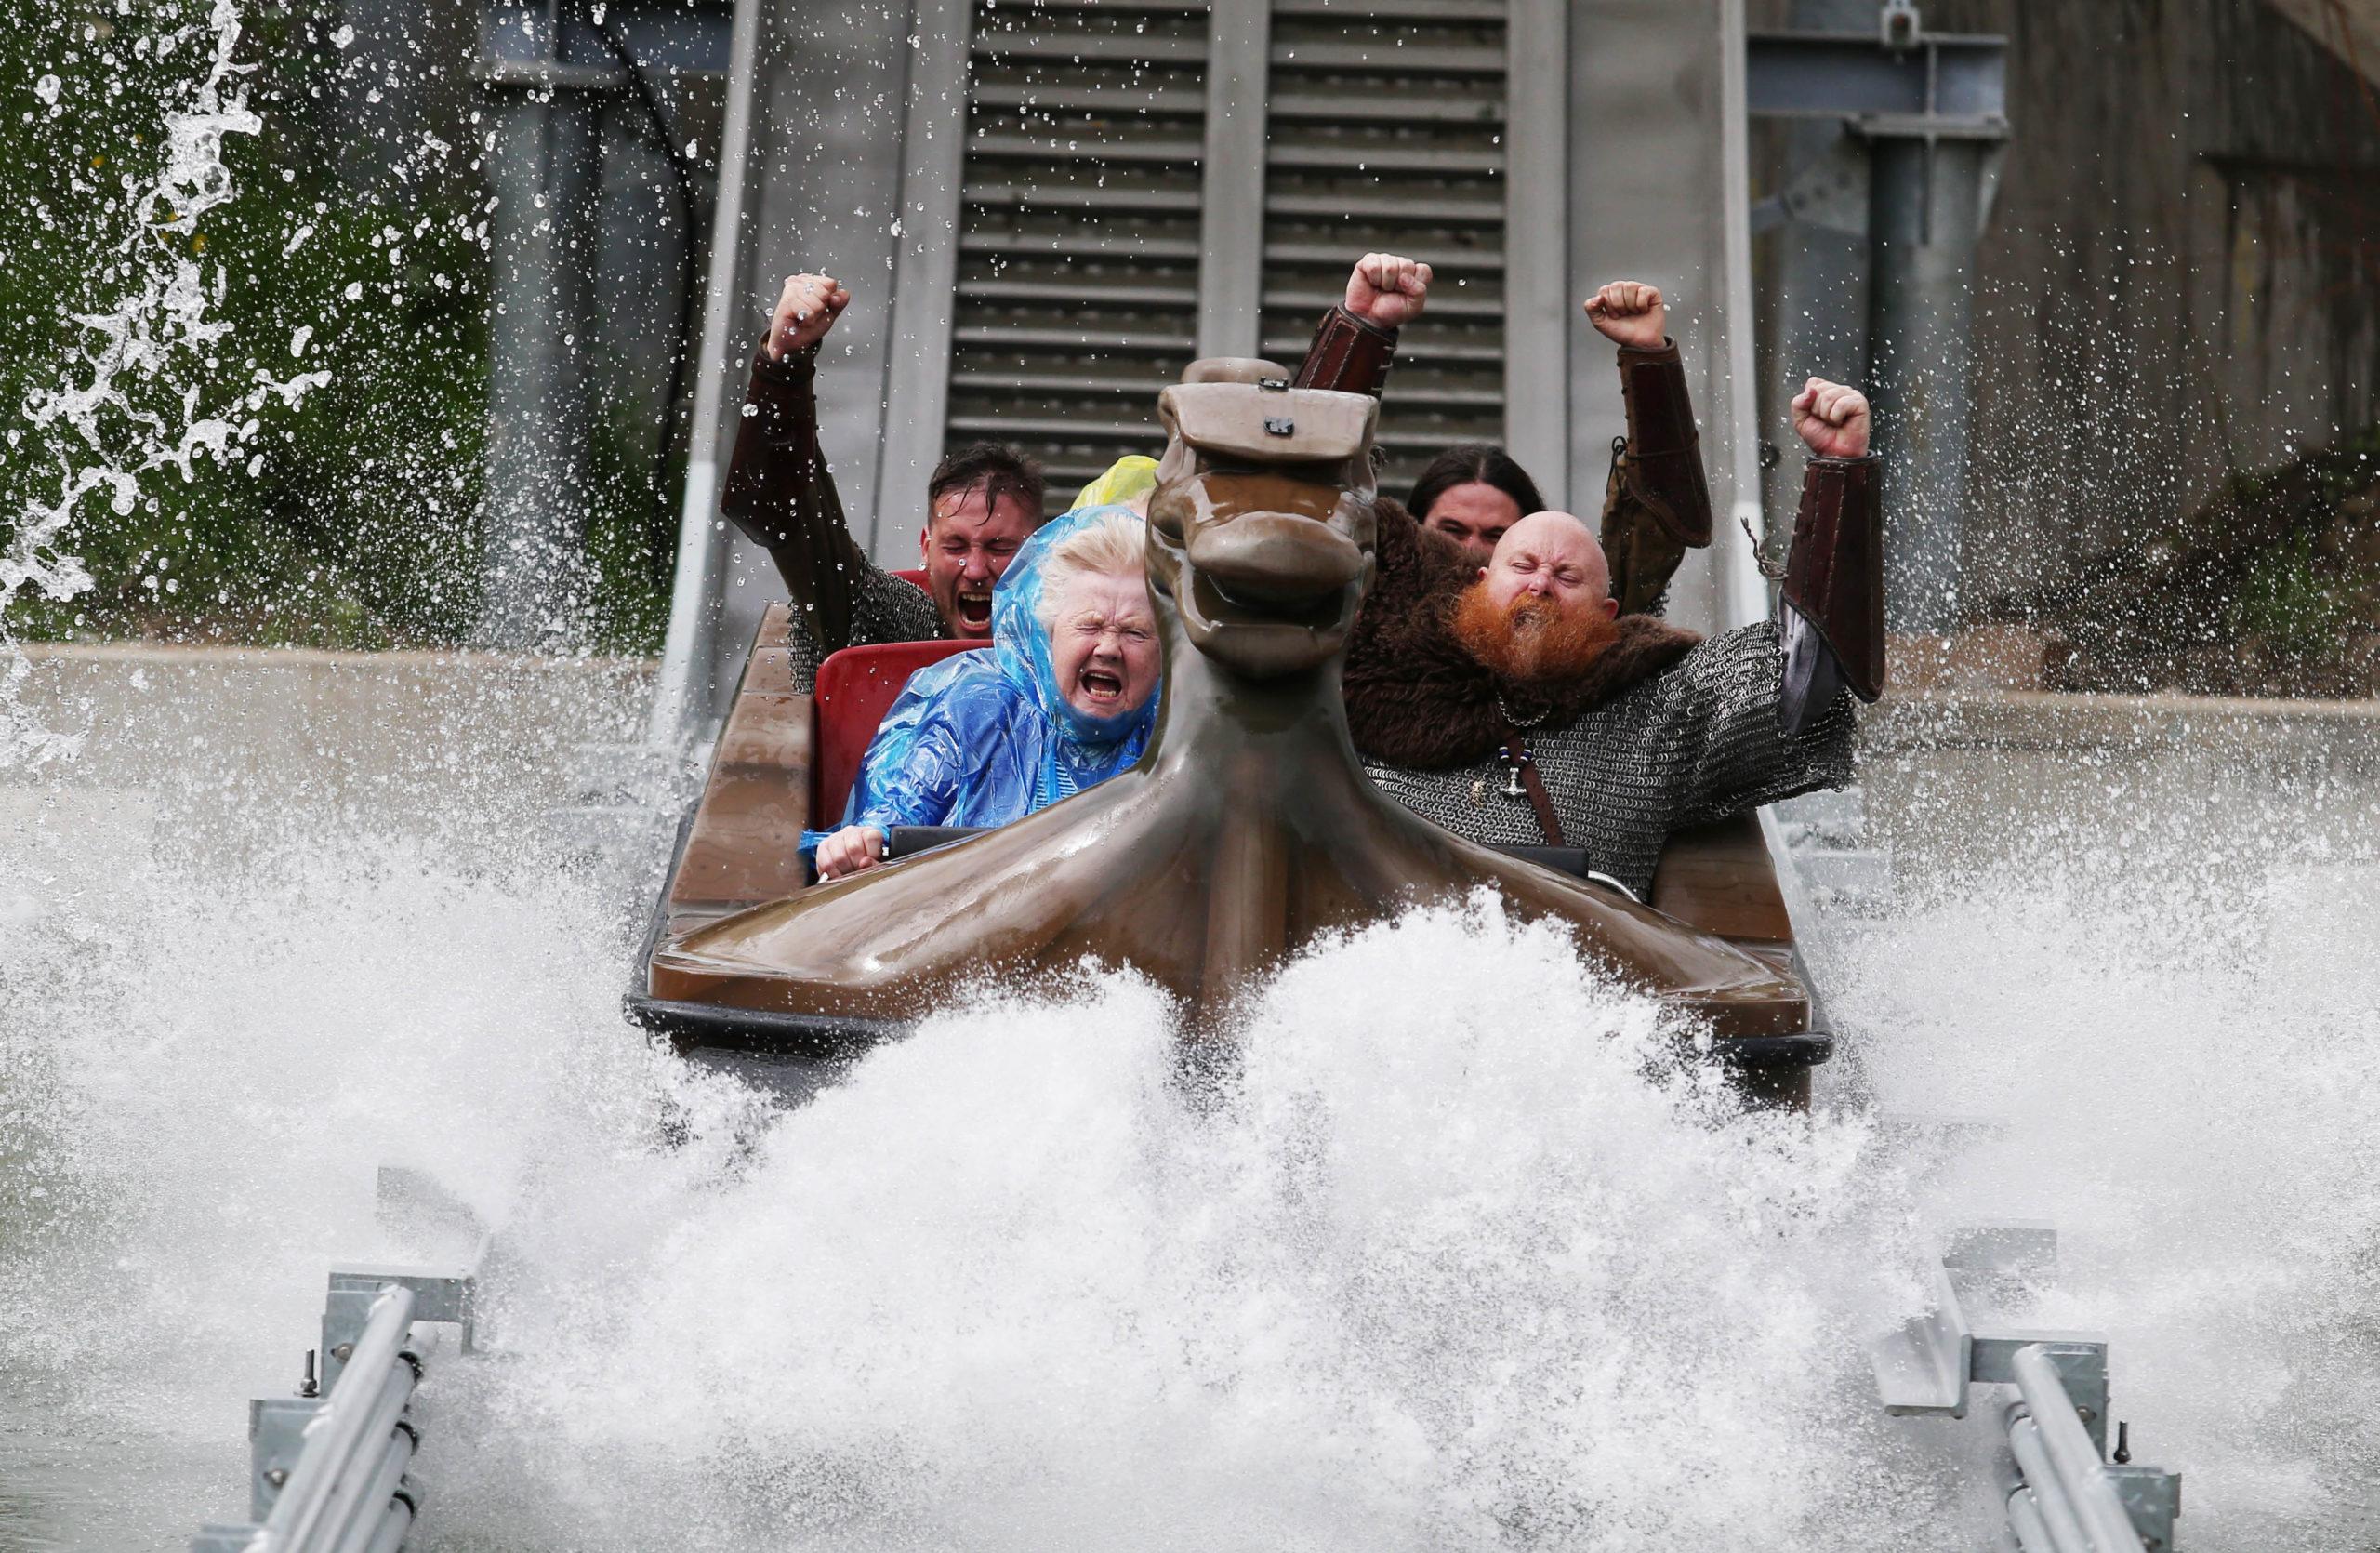 Interlink New Ride : Superflume Viking Voyage at Tayto Park Splash